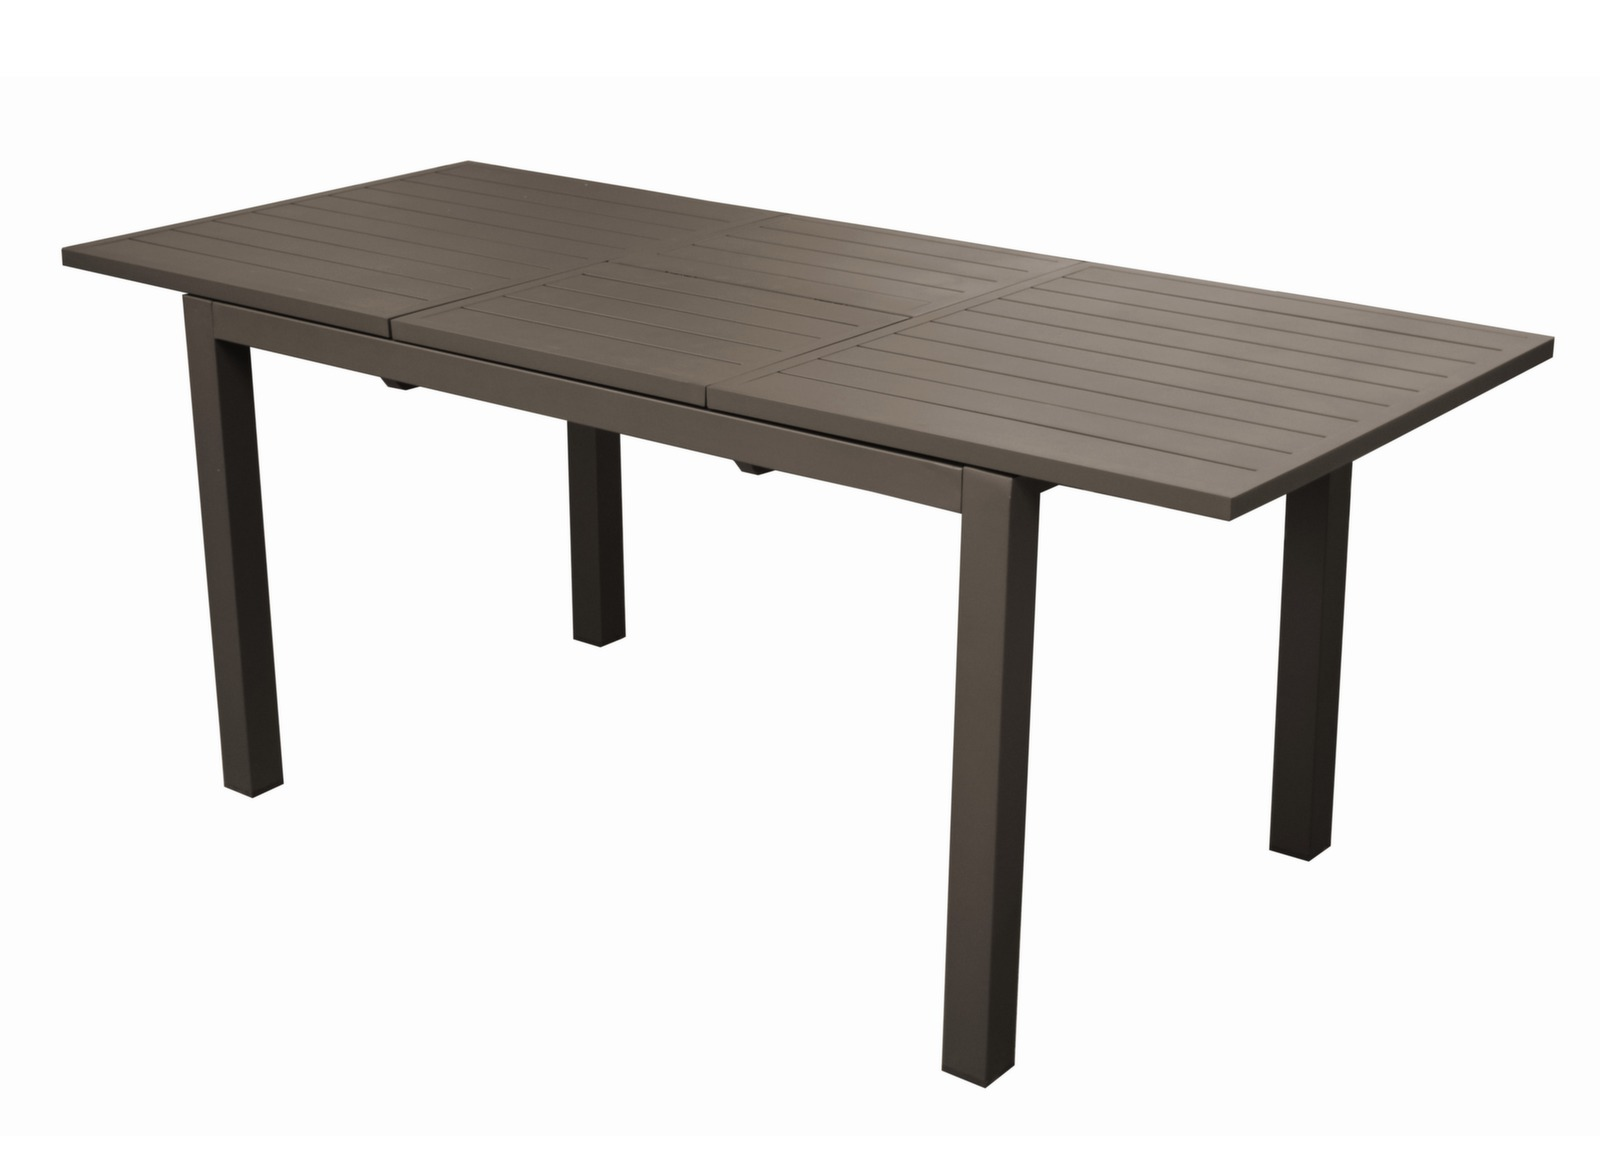 Table de jardin rectangle Trieste 130/180cm - Gamme Alizé - Proloisirs